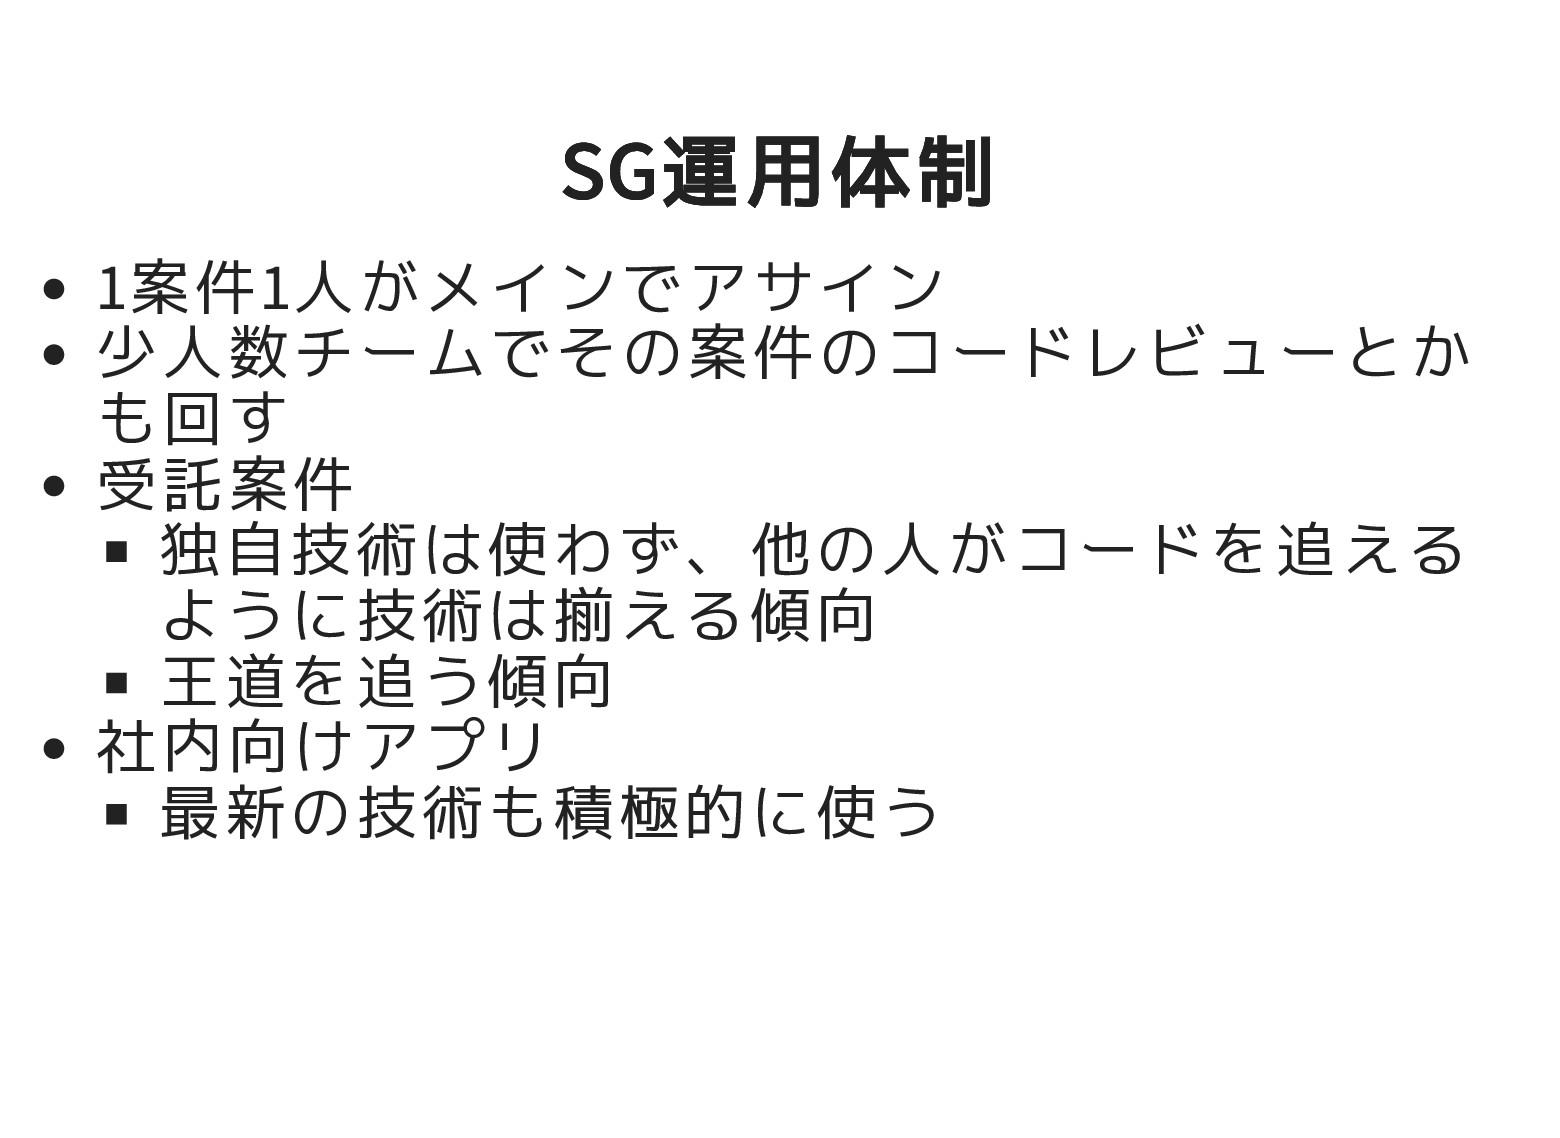 SG運用体制 SG運用体制 1案件1人がメインでアサイン 少人数チームでその案件のコードレビュ...